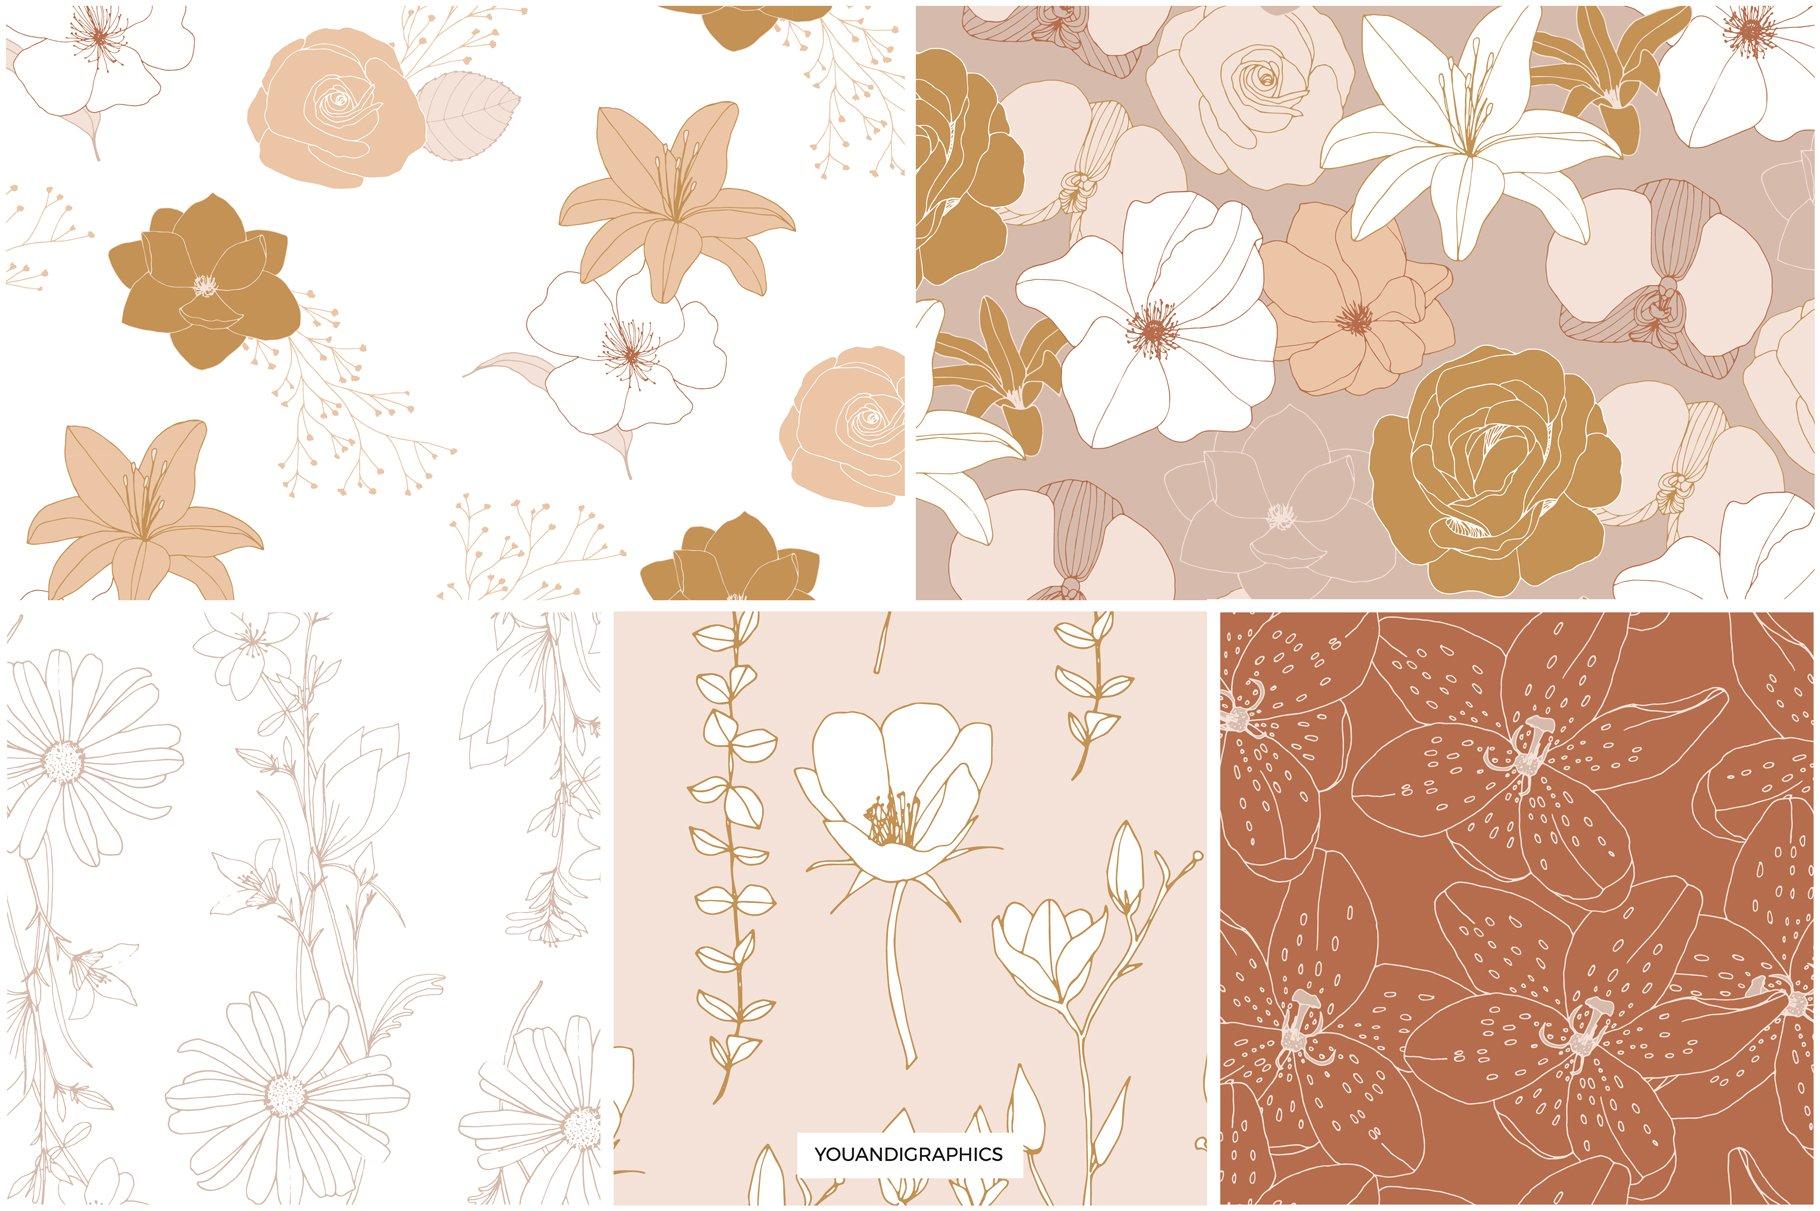 手绘盛开花卉花朵矢量无缝隙图案素材 Blooming Garden Floral Patterns插图(10)